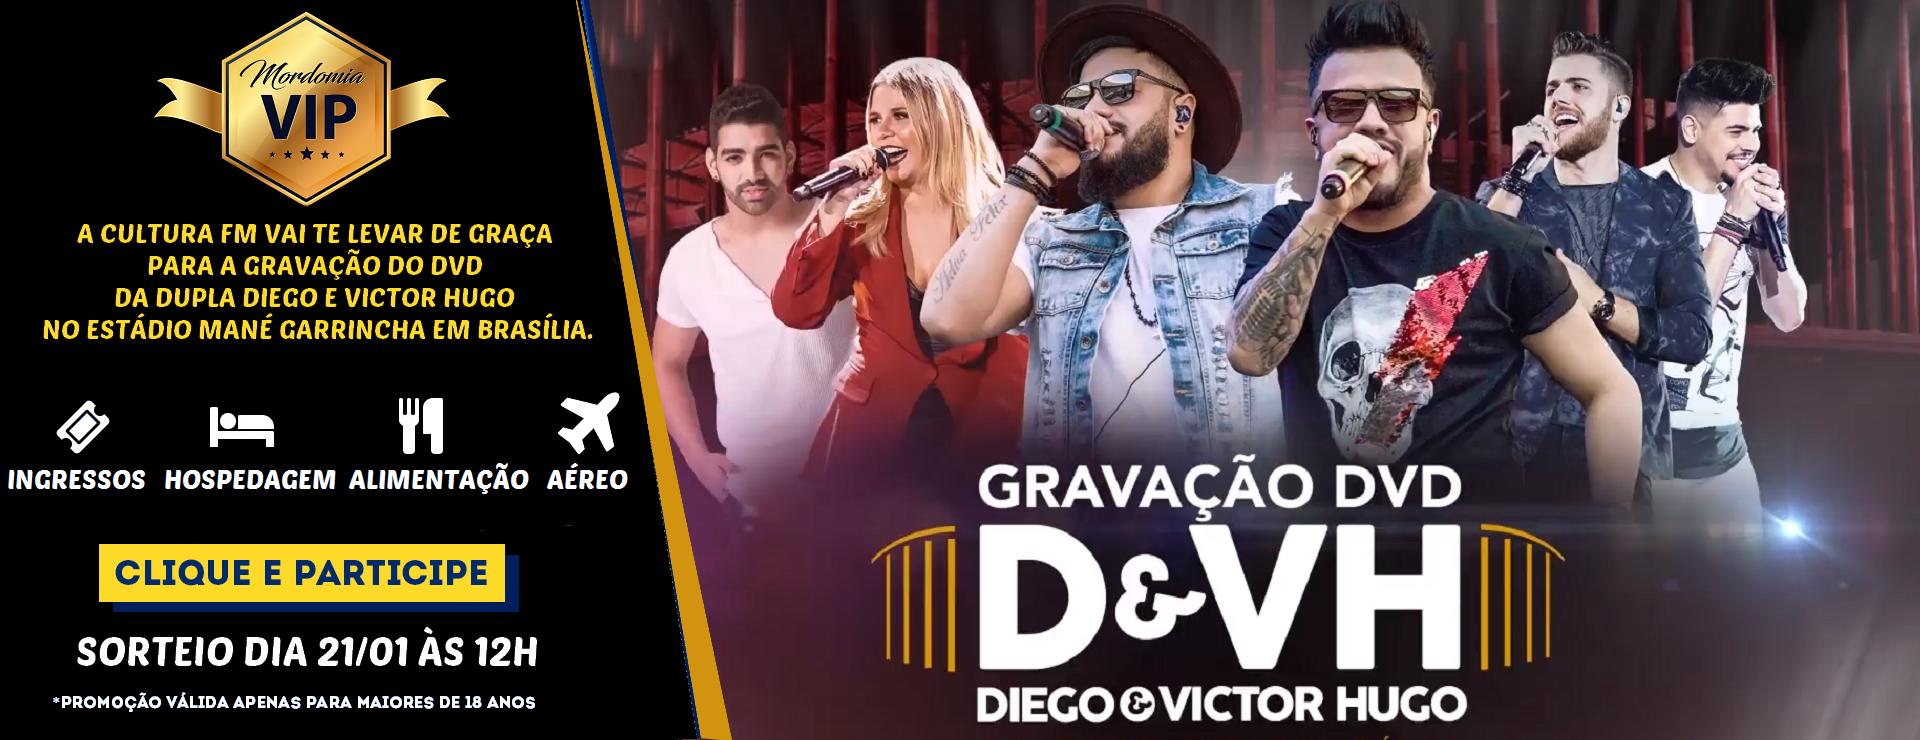 """PROMOÇÃO """"MORDOMIA VIP NA GRAVAÇÃO DO DVD DIEGO E VICTOR HUGO"""""""